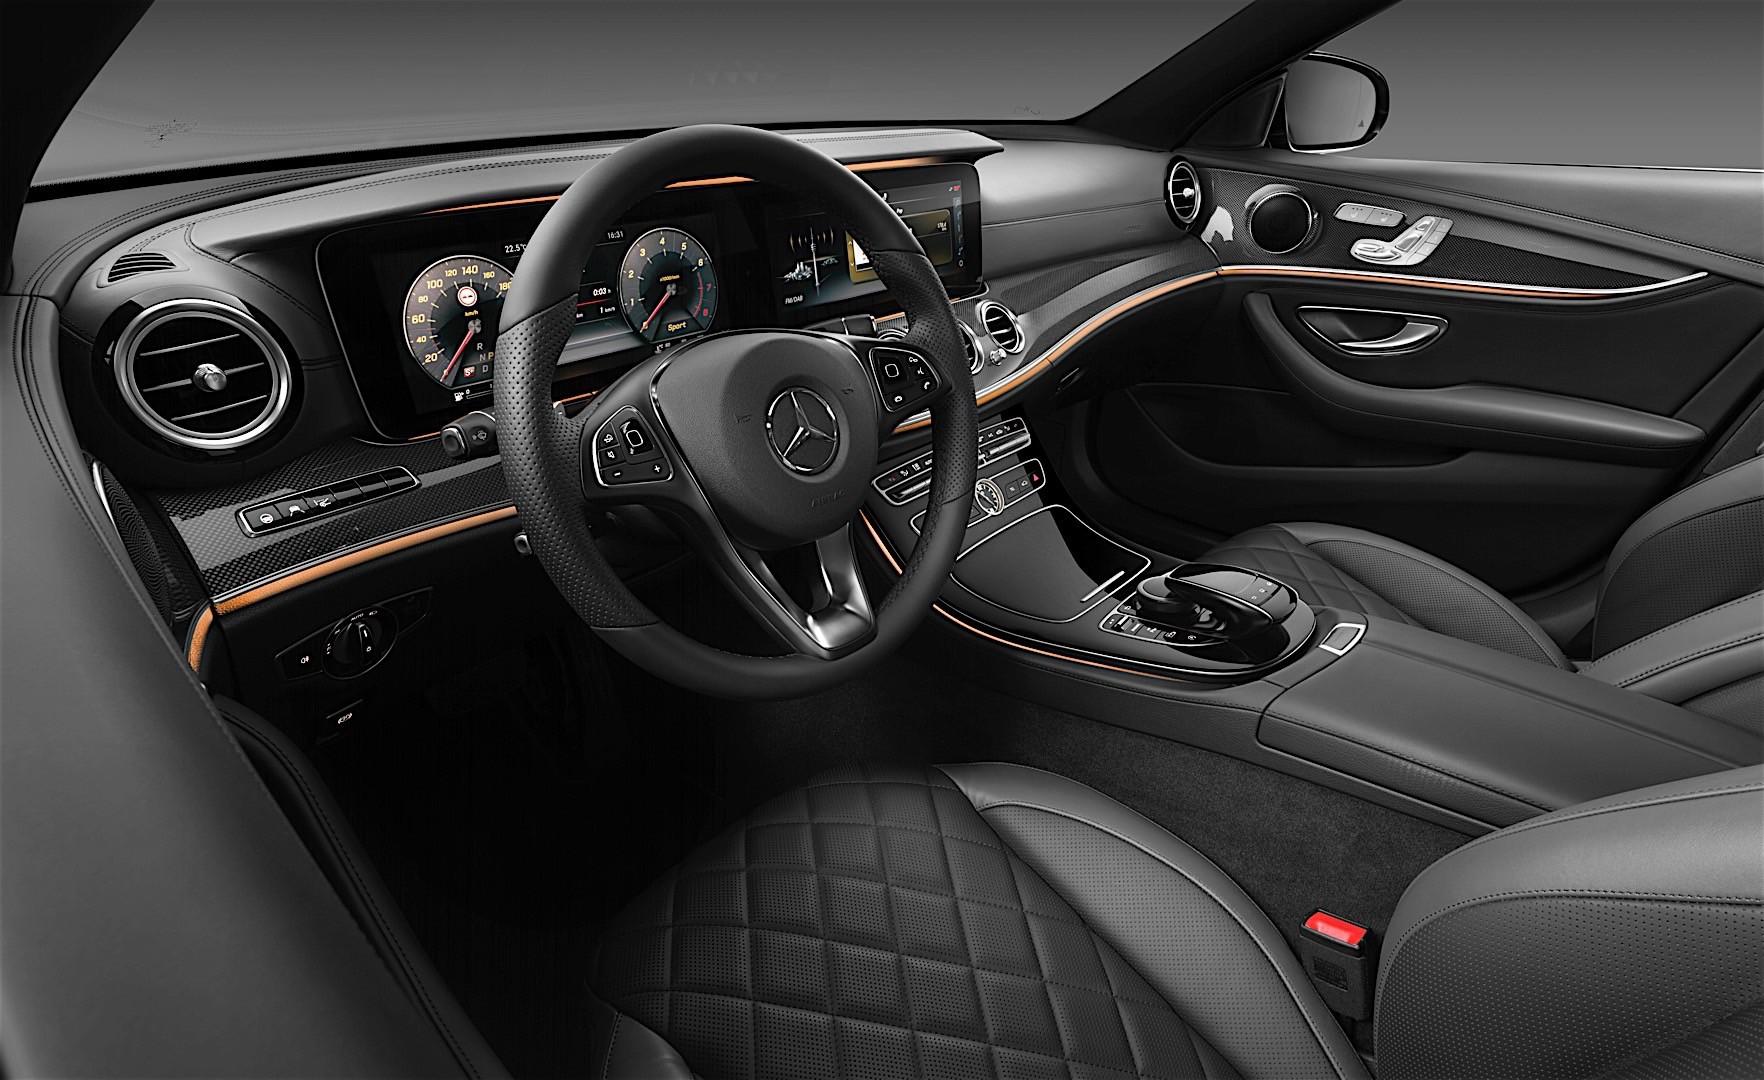 2017 mercedes benz e class interior officially unveiled for Mercedes benz e class interior